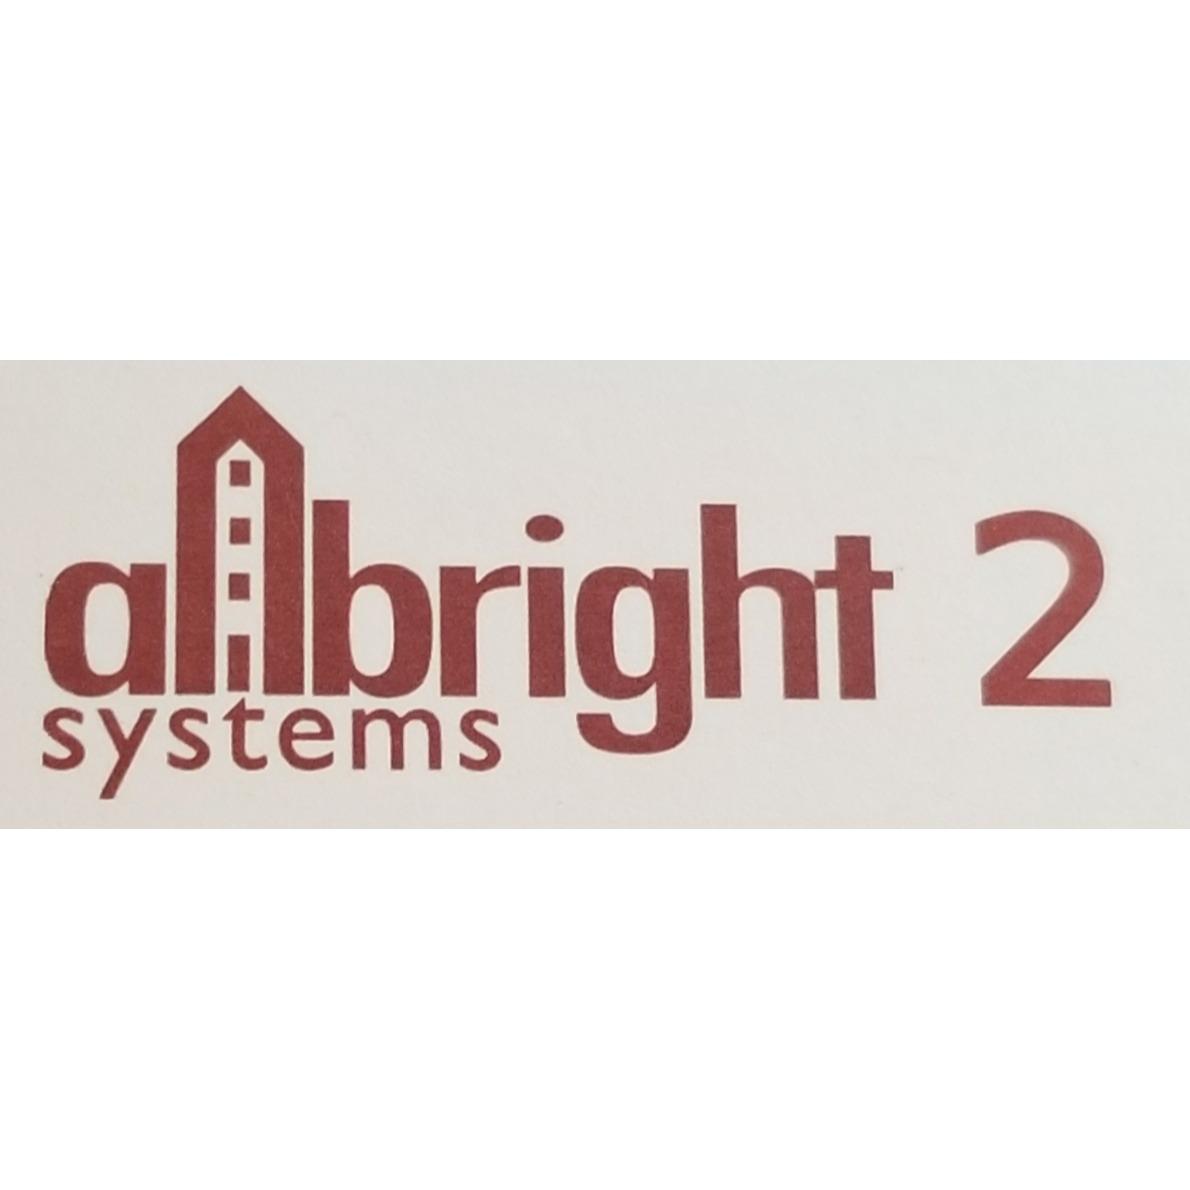 Allbright systems 2 LLC